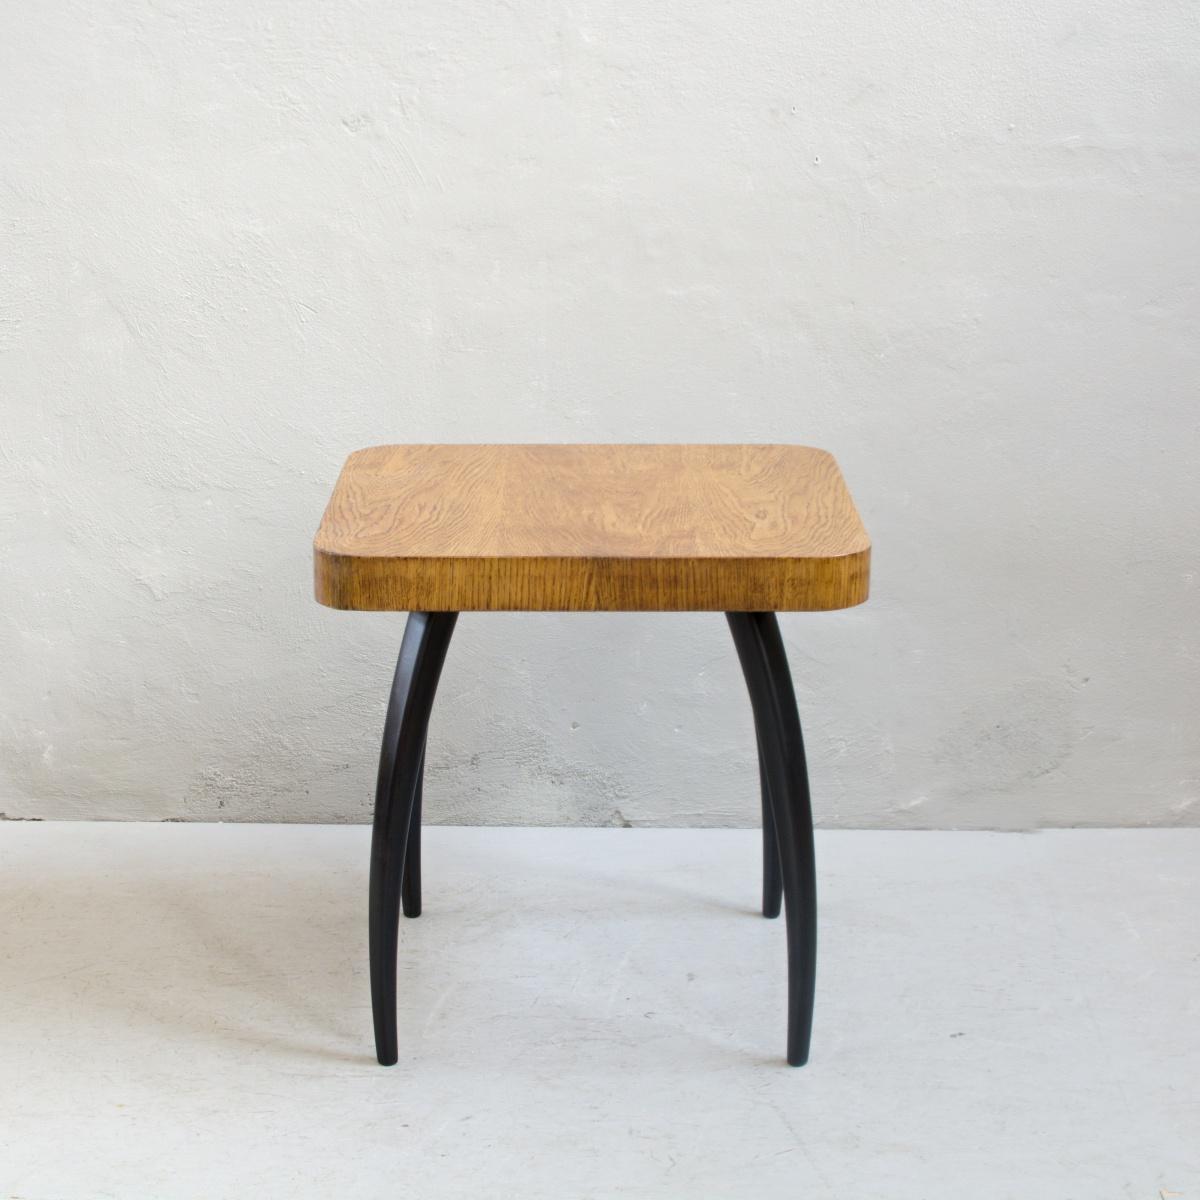 Prodej retro nábytku Halabala stolek